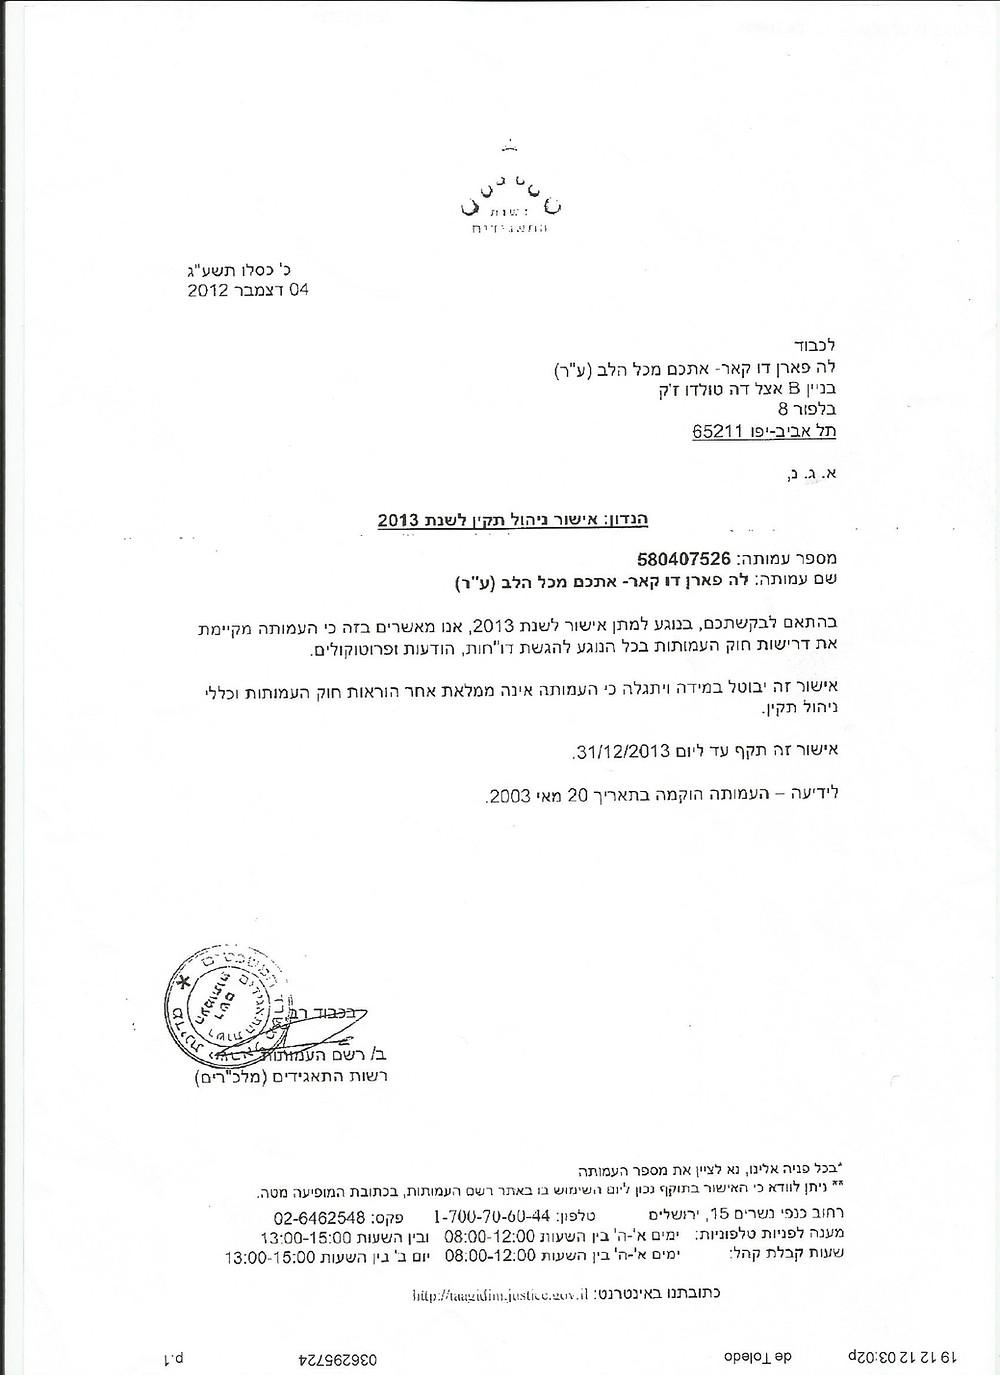 Certificat de bonne gestion 2013.JPG